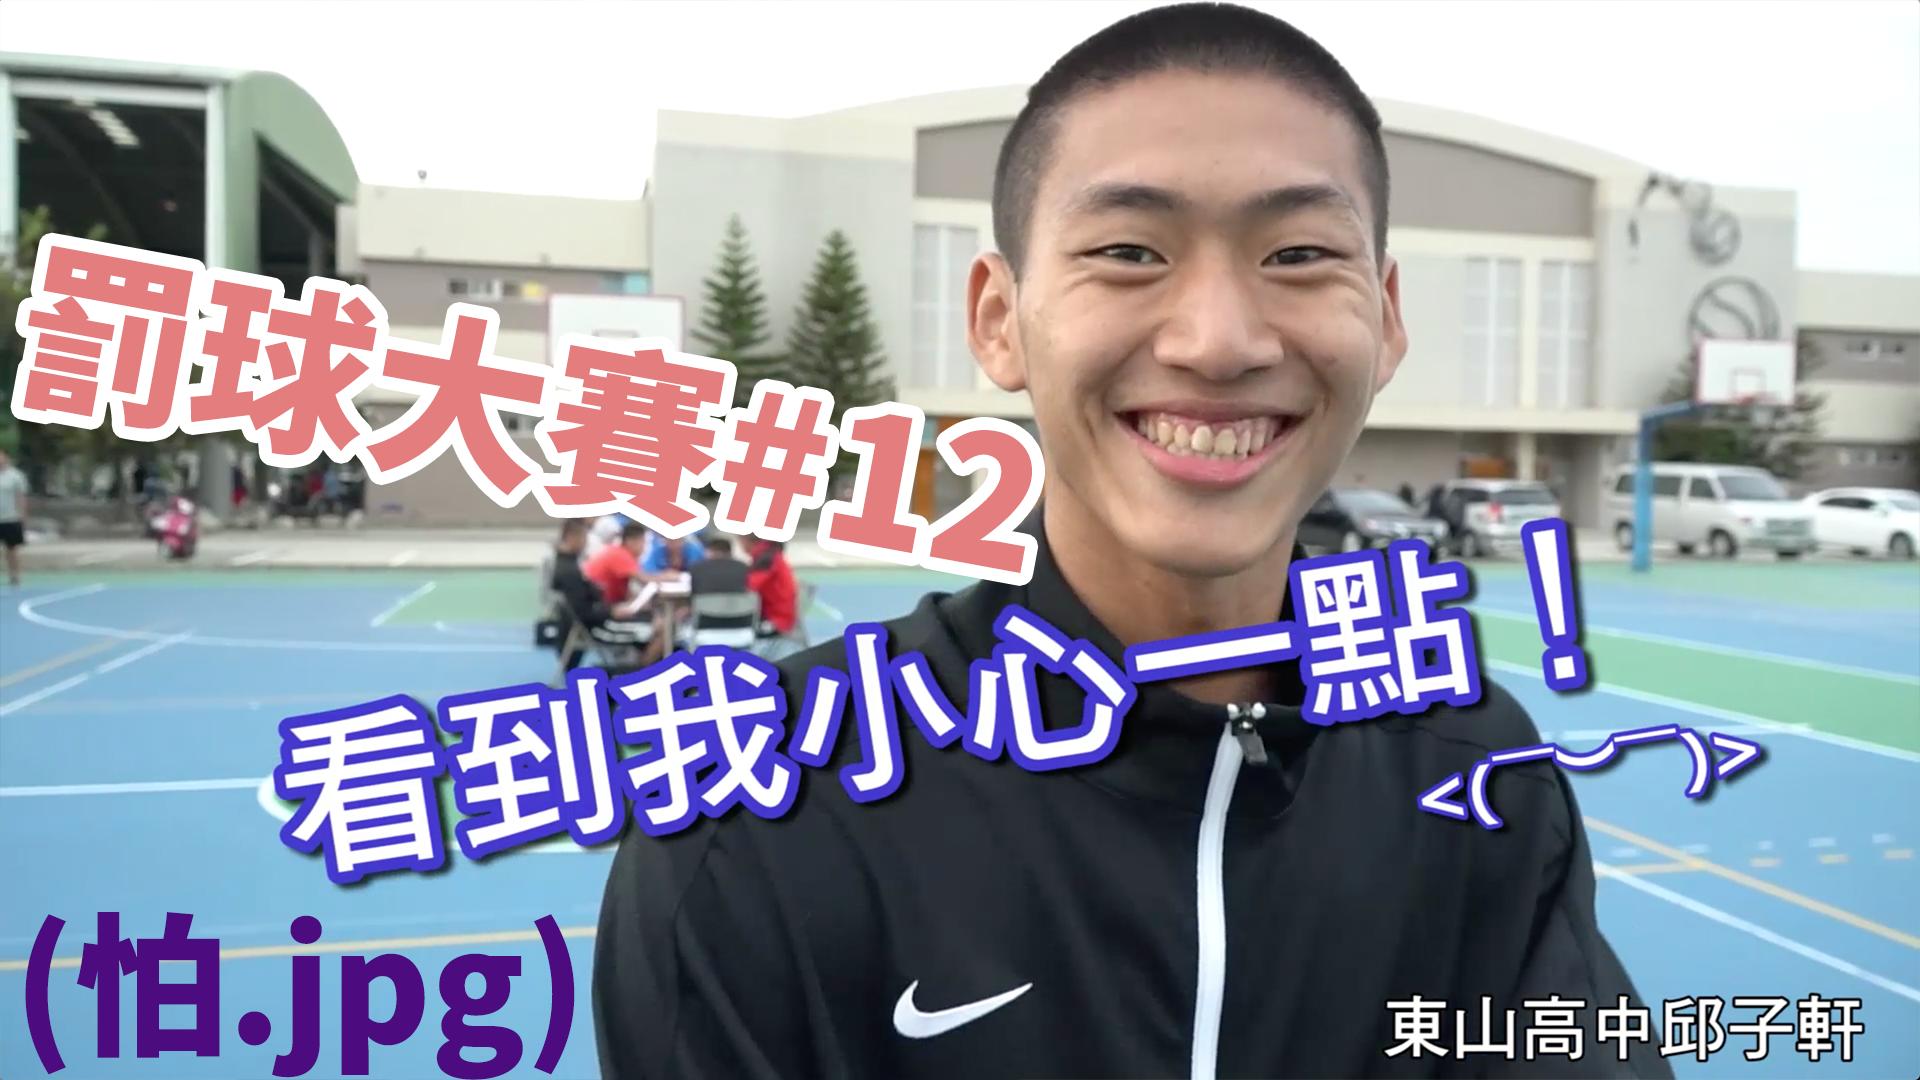 罰球大賽#12 東山高中邱子軒